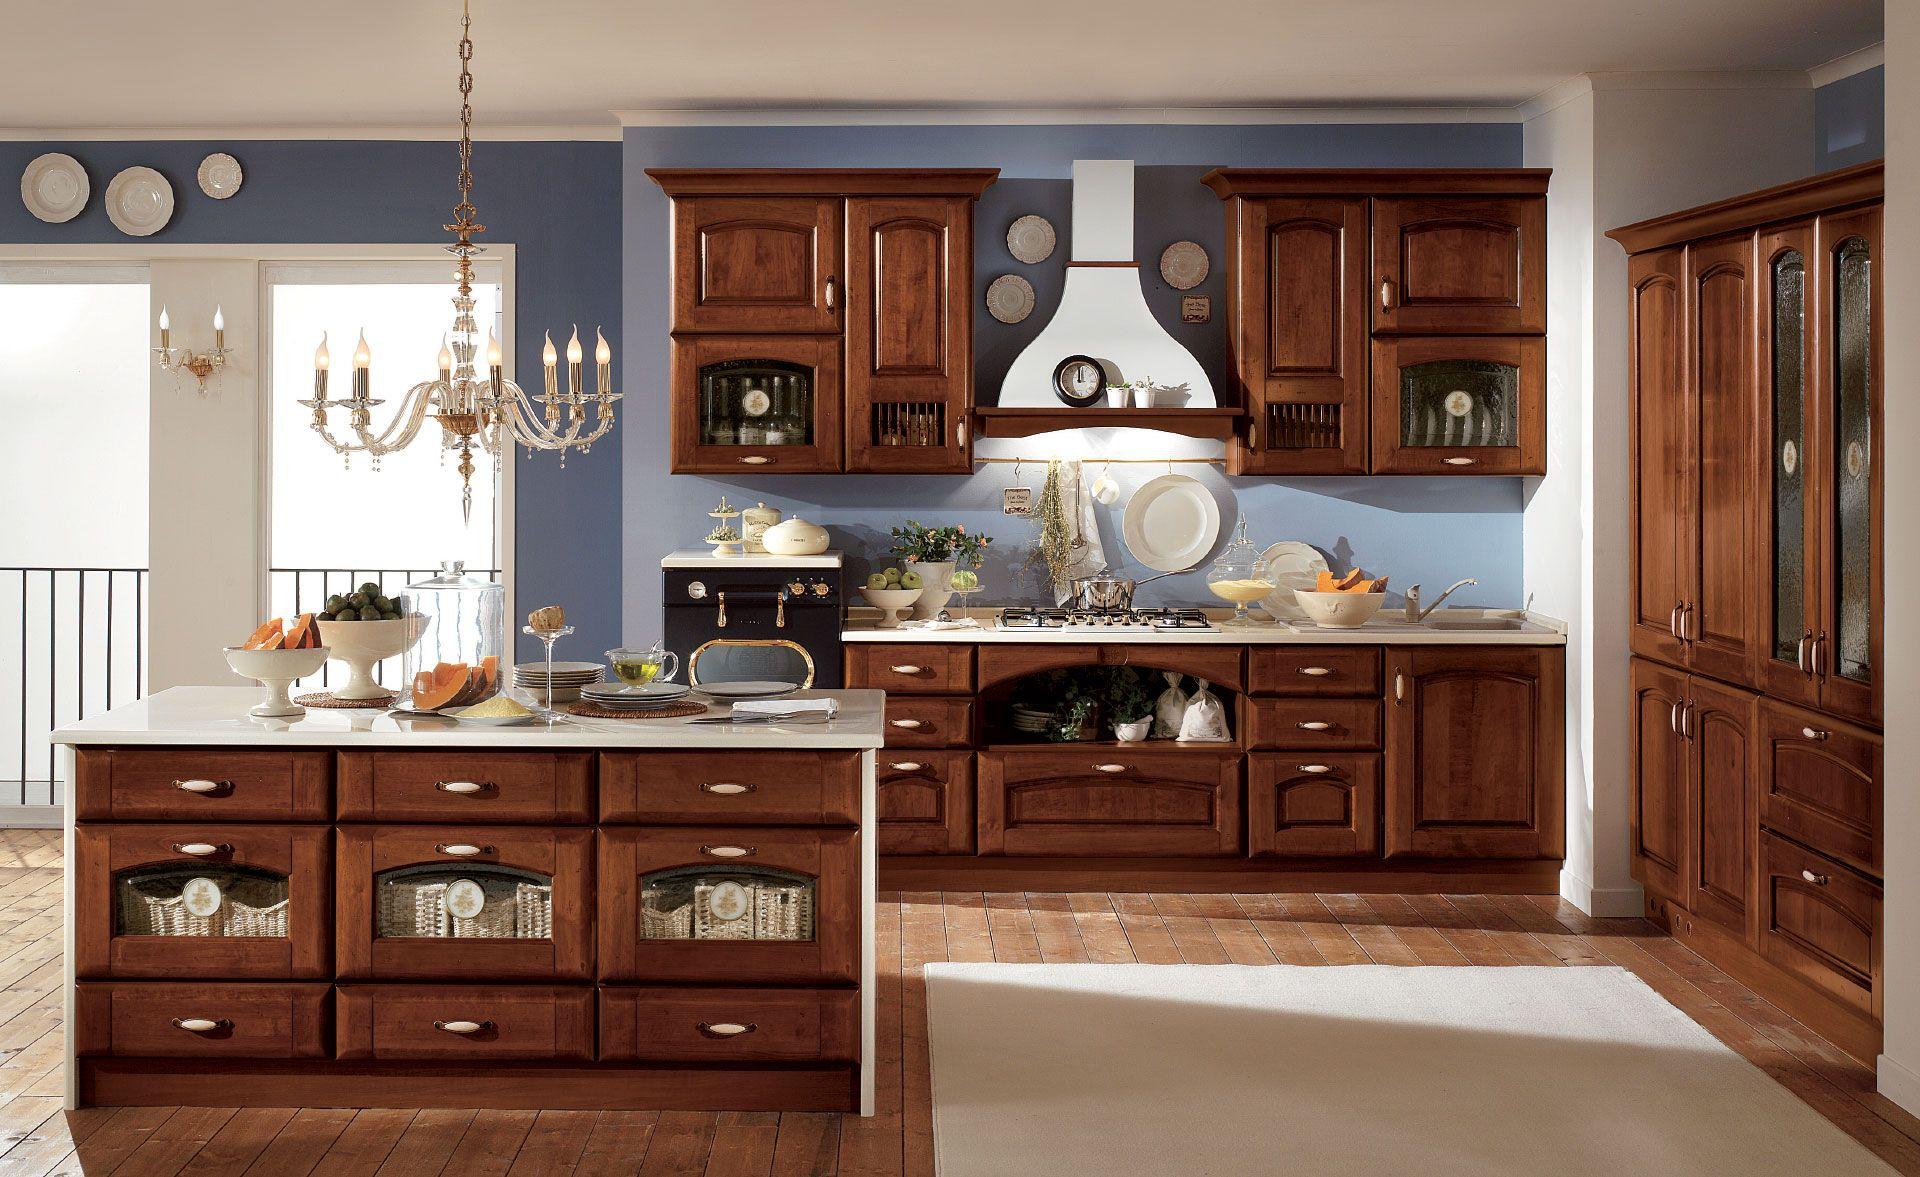 Cucina in legno scuro con la cappa d 39 arredo e isola centrale che ricrea un atmosfera calda e - Cucina rustica ikea ...